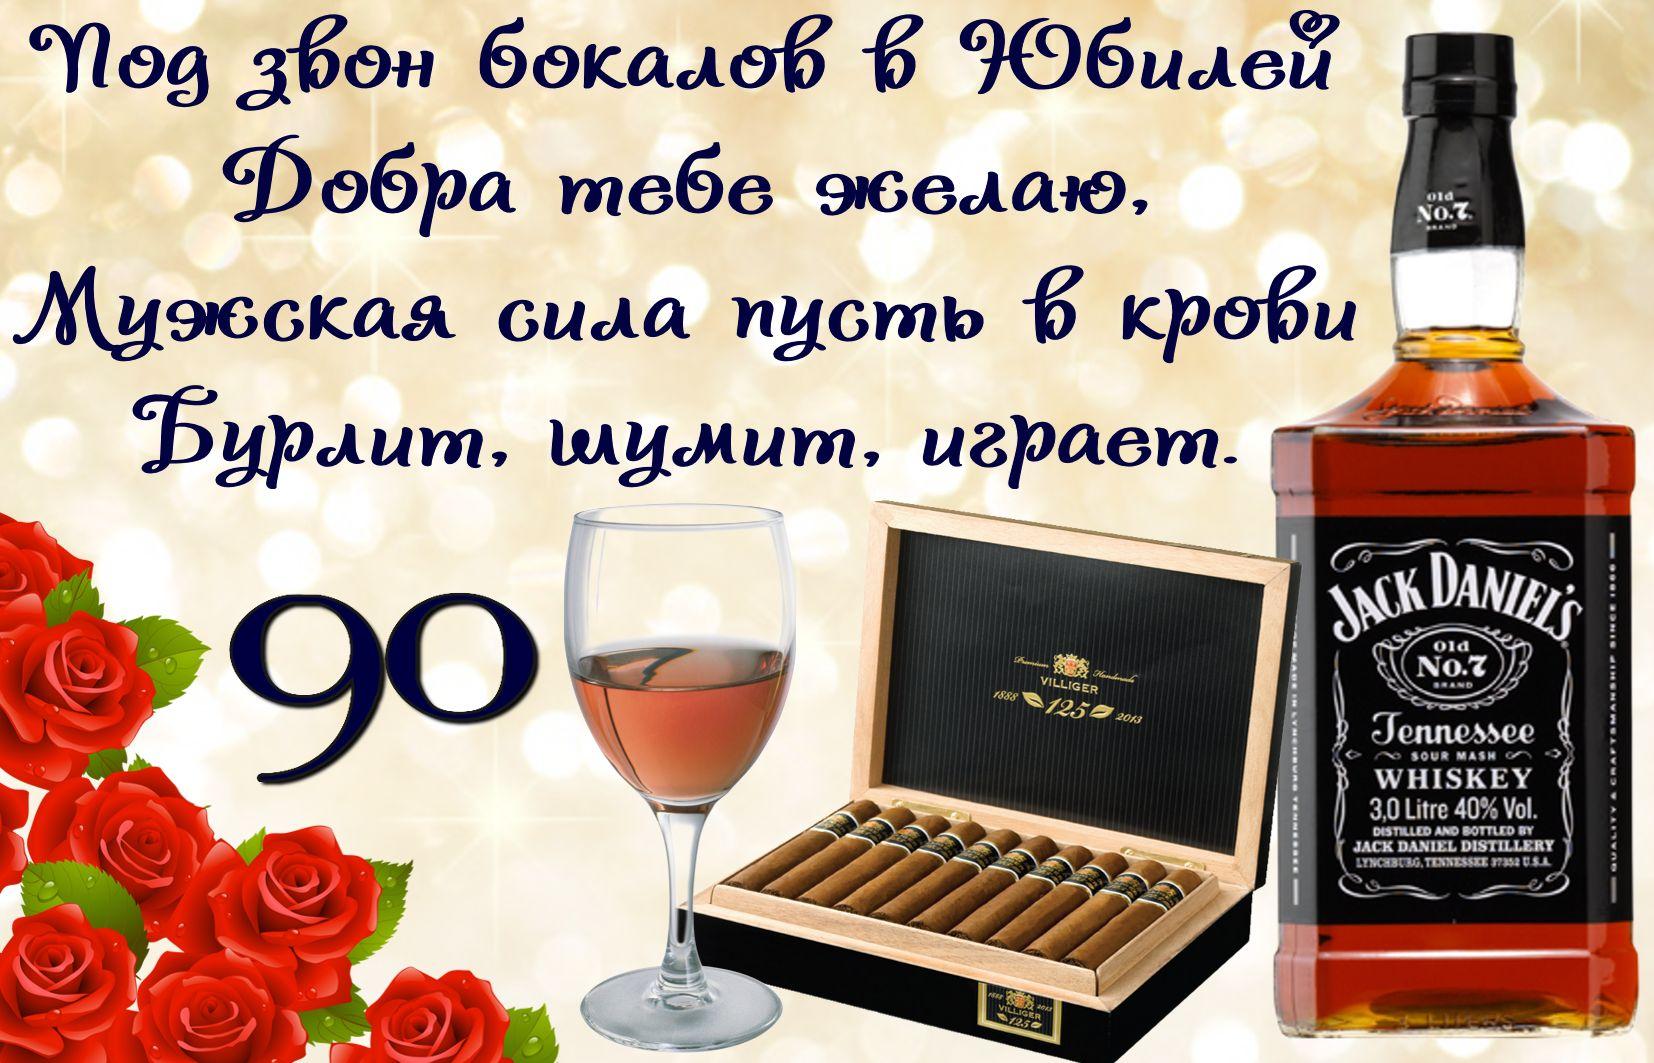 Открытка на юбилей 90 лет - пожелание мужчине на фоне виски и сигар